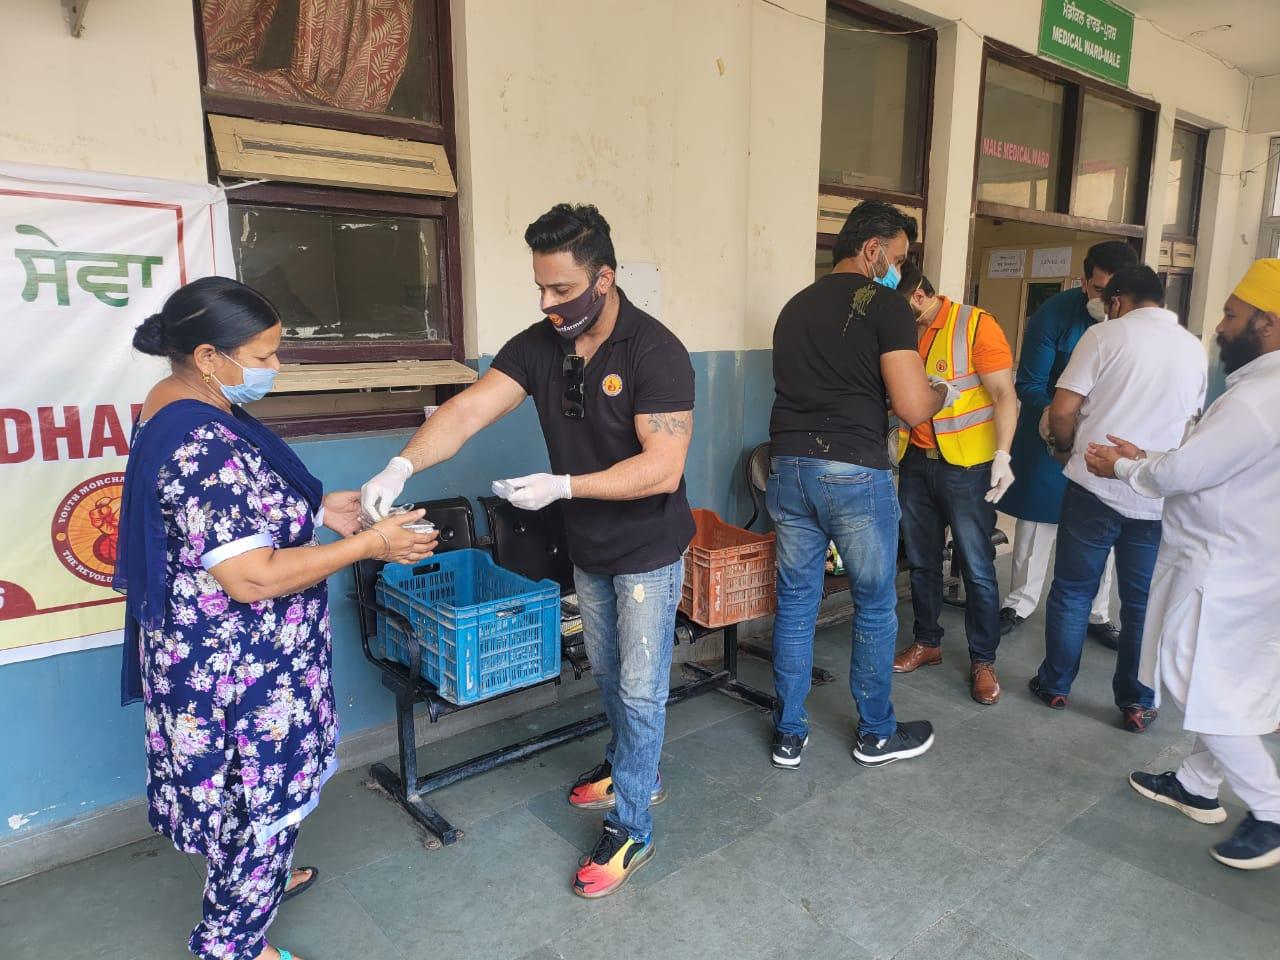 जालंधर सिविल अस्पताल में भर्ती मरीजों और रिश्तेदारों को खिला रहे खाना, कारोबारी दोस्तों ने की पहल जालंधर,Jalandhar - Dainik Bhaskar